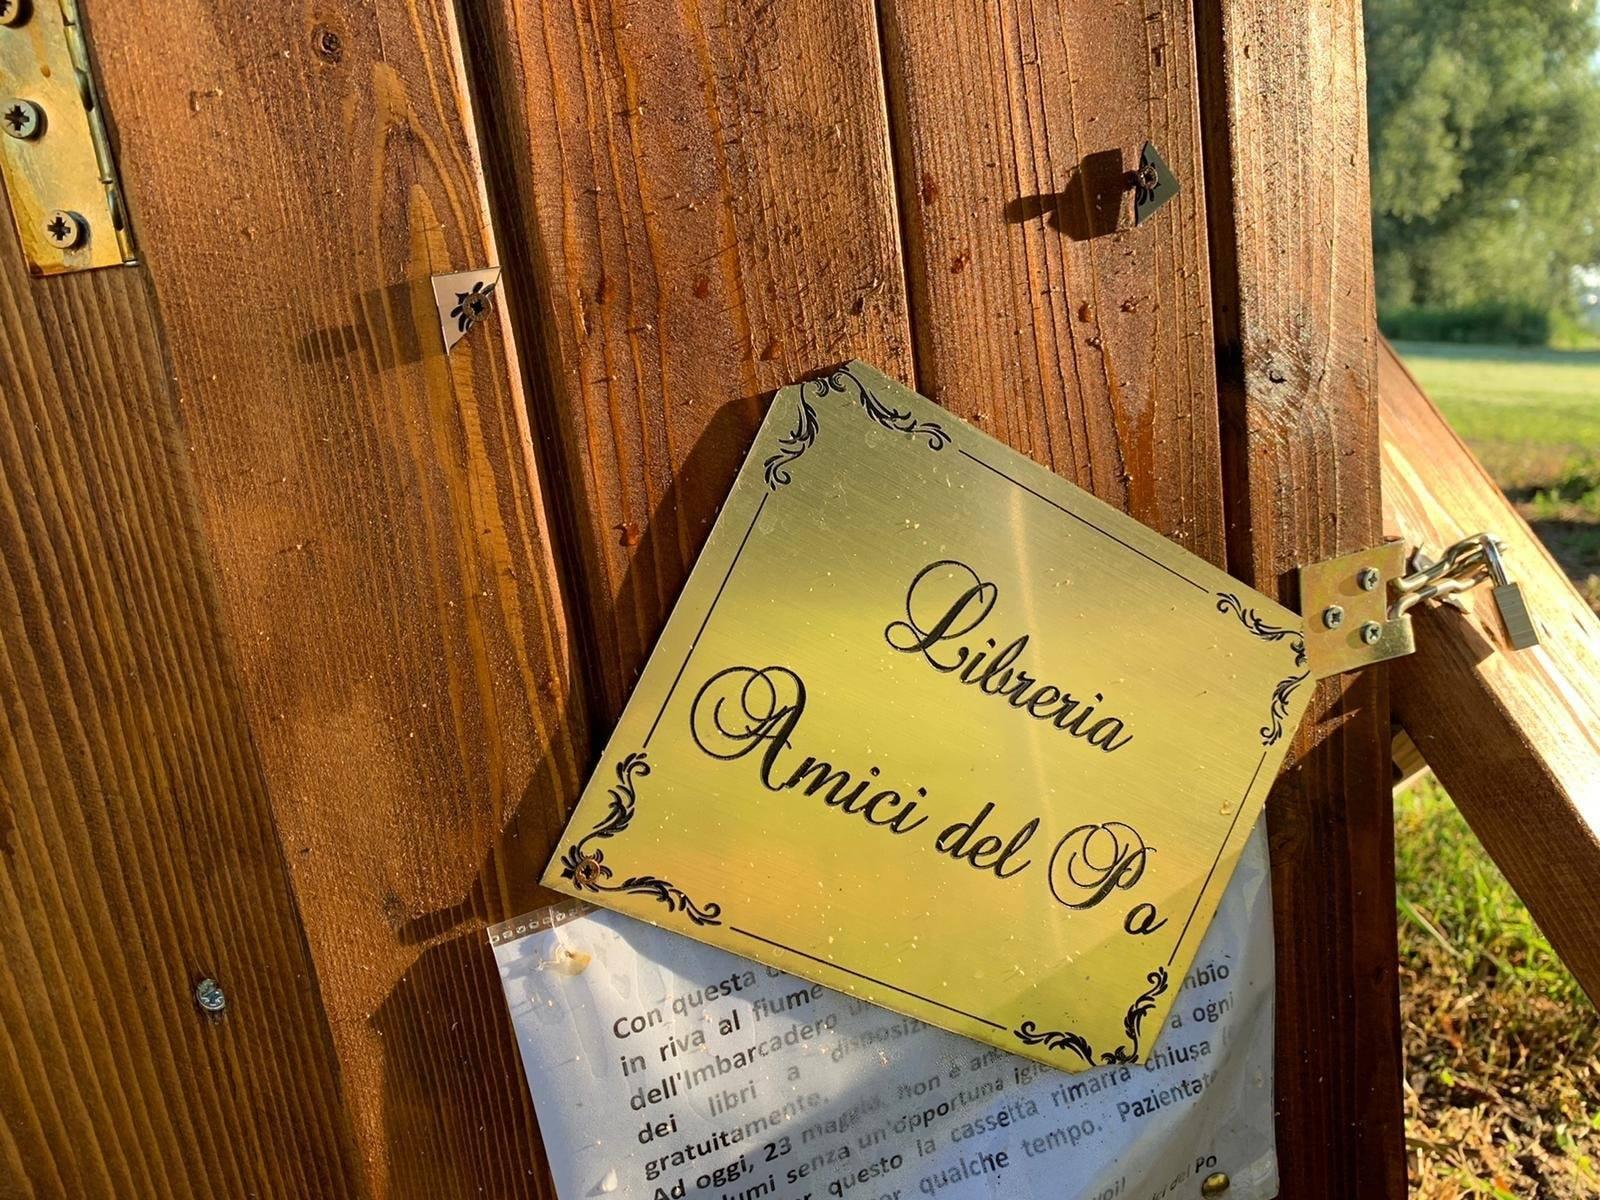 Libreria Amici del Po